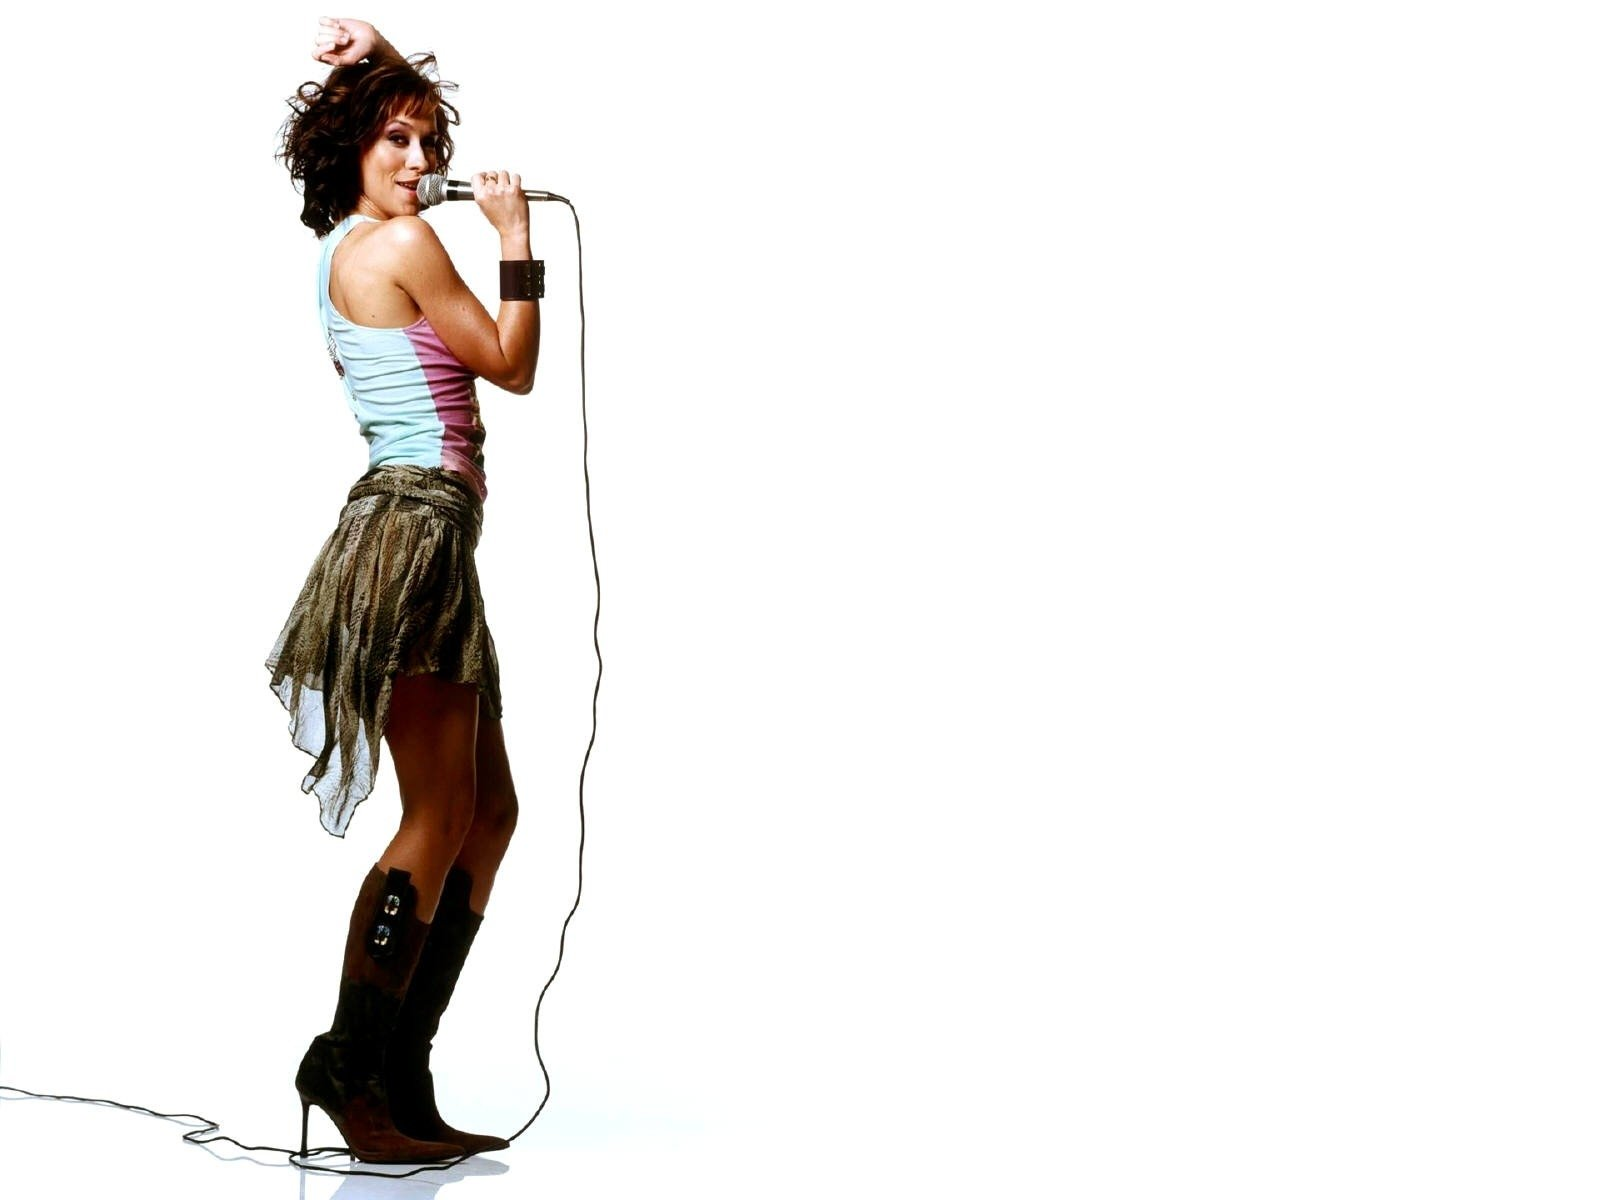 Wallpaper di una grintosa Jennifer Love Hewitt al microfono